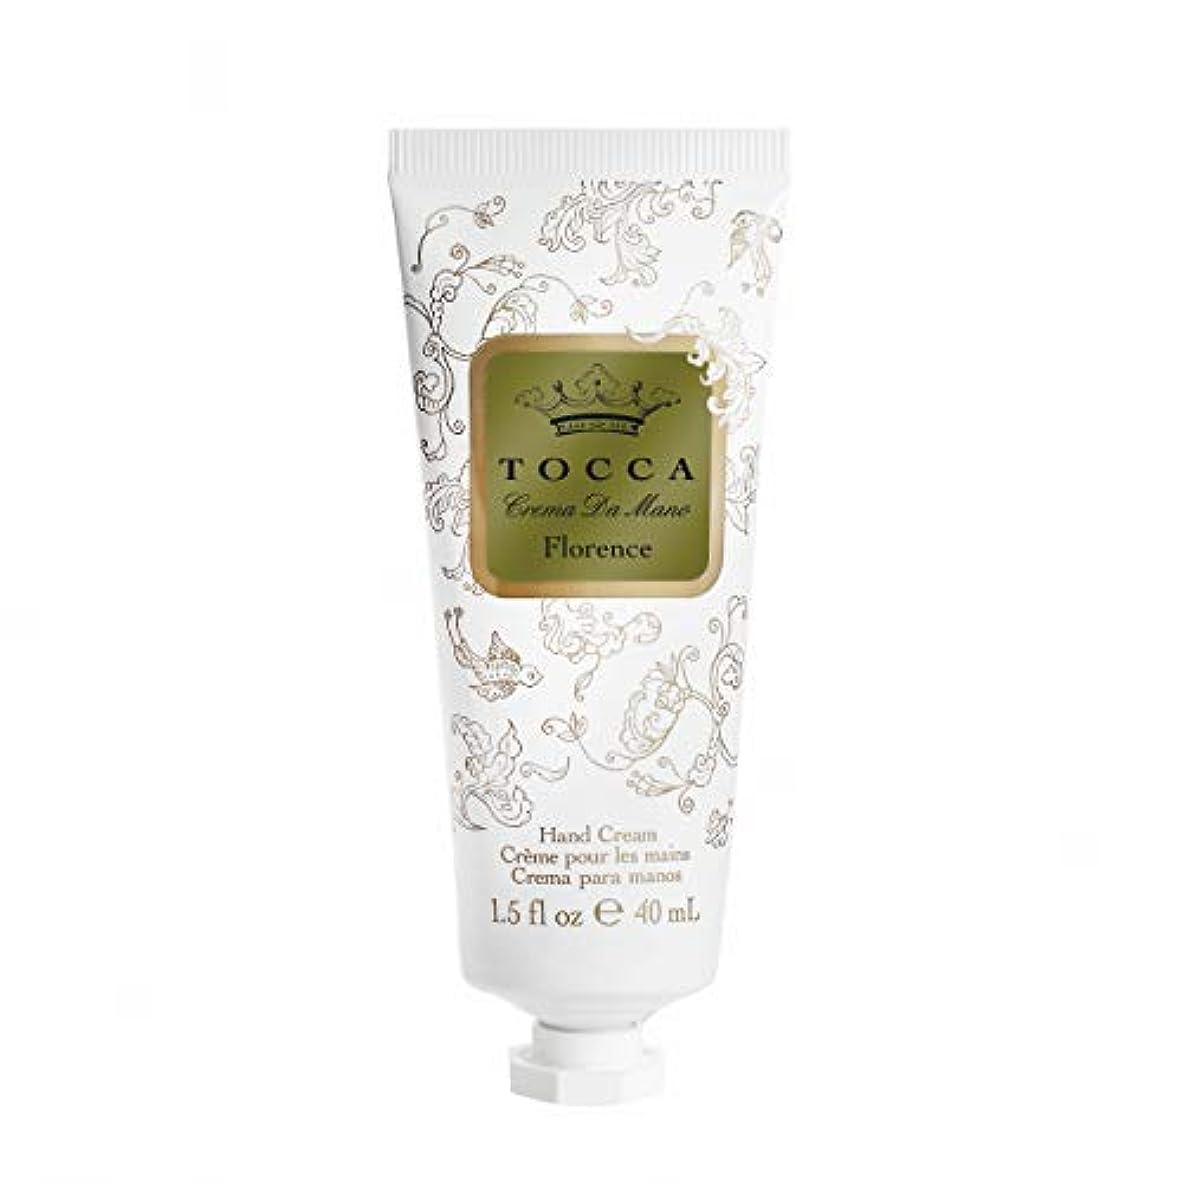 有効化胚走るトッカ(TOCCA) ハンドクリーム フローレンスの香り 40mL (ガーデニアとベルガモットが誘うように溶け合うどこまでも上品なフローラルの香り)